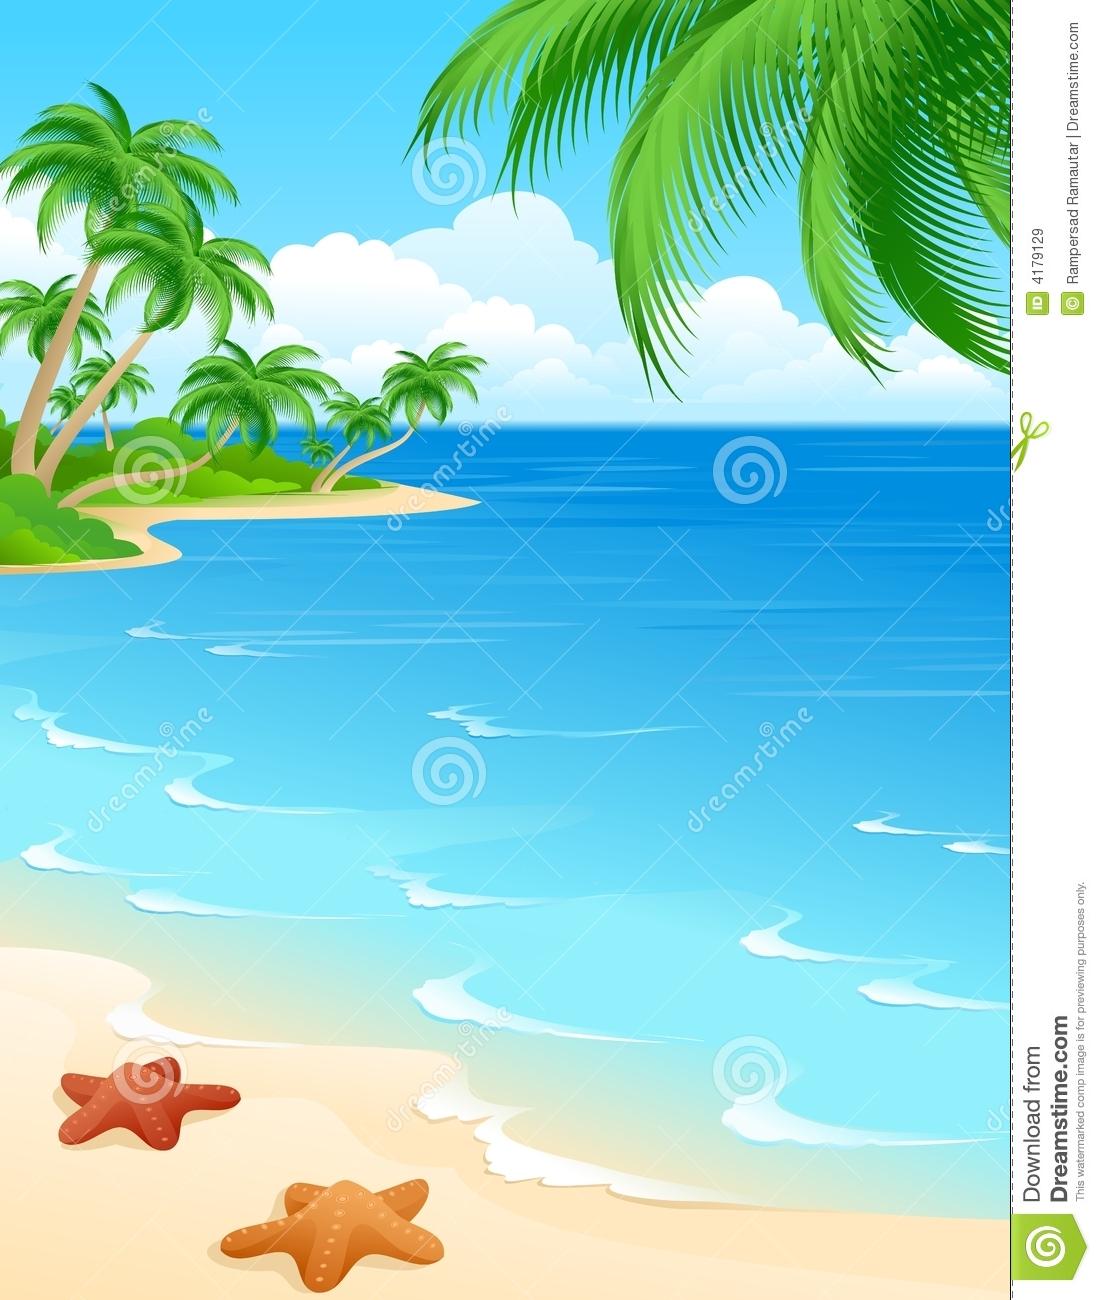 Free clipart beach scenes clip art download 78+ Free Beach Clipart   ClipartLook clip art download